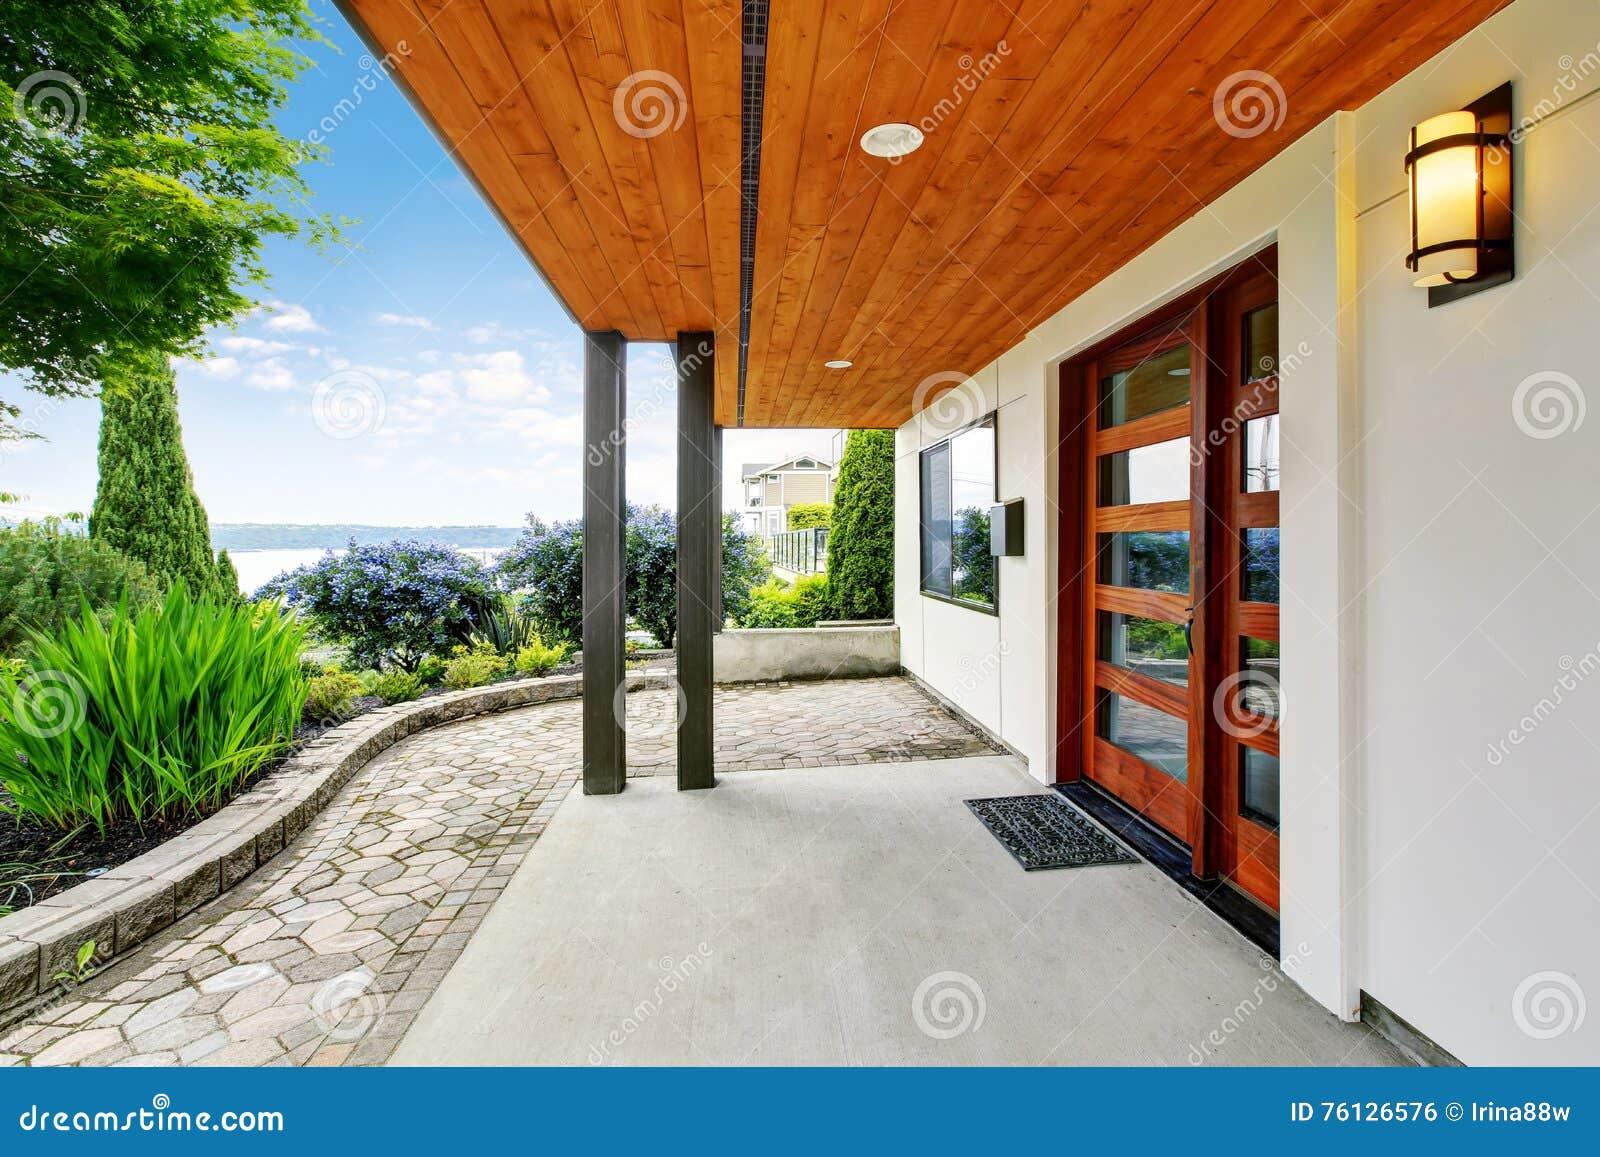 Ingresso moderno della casa con il passaggio pedonale for Ingresso casa moderno